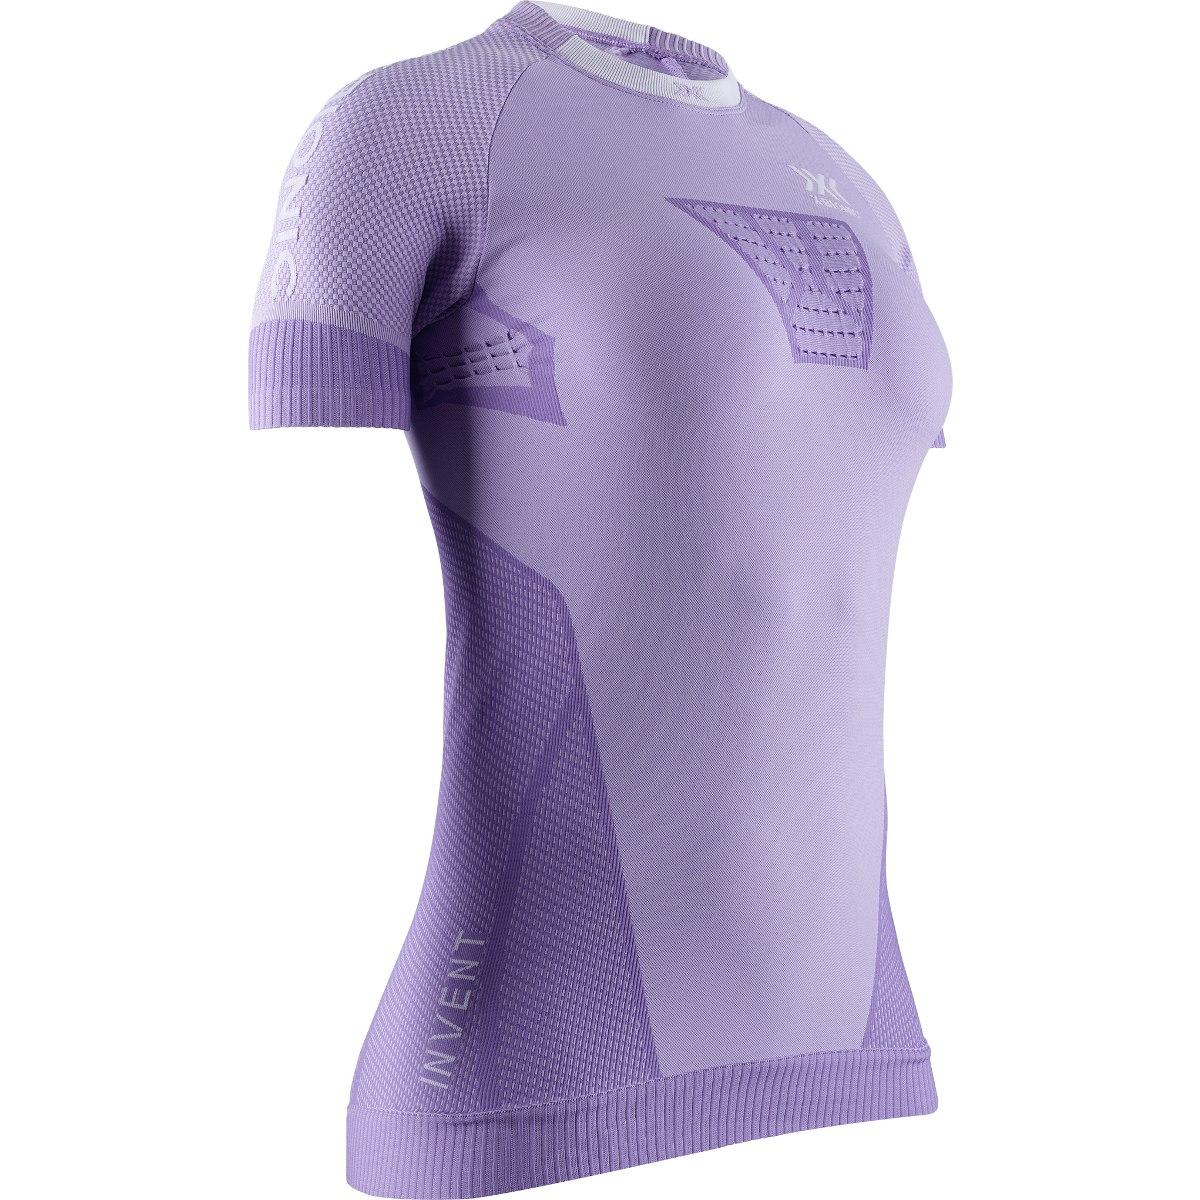 Bild von X-Bionic Invent 4.0 Run Speed Kurzarm-Laufshirt für Damen - bright lavender/white